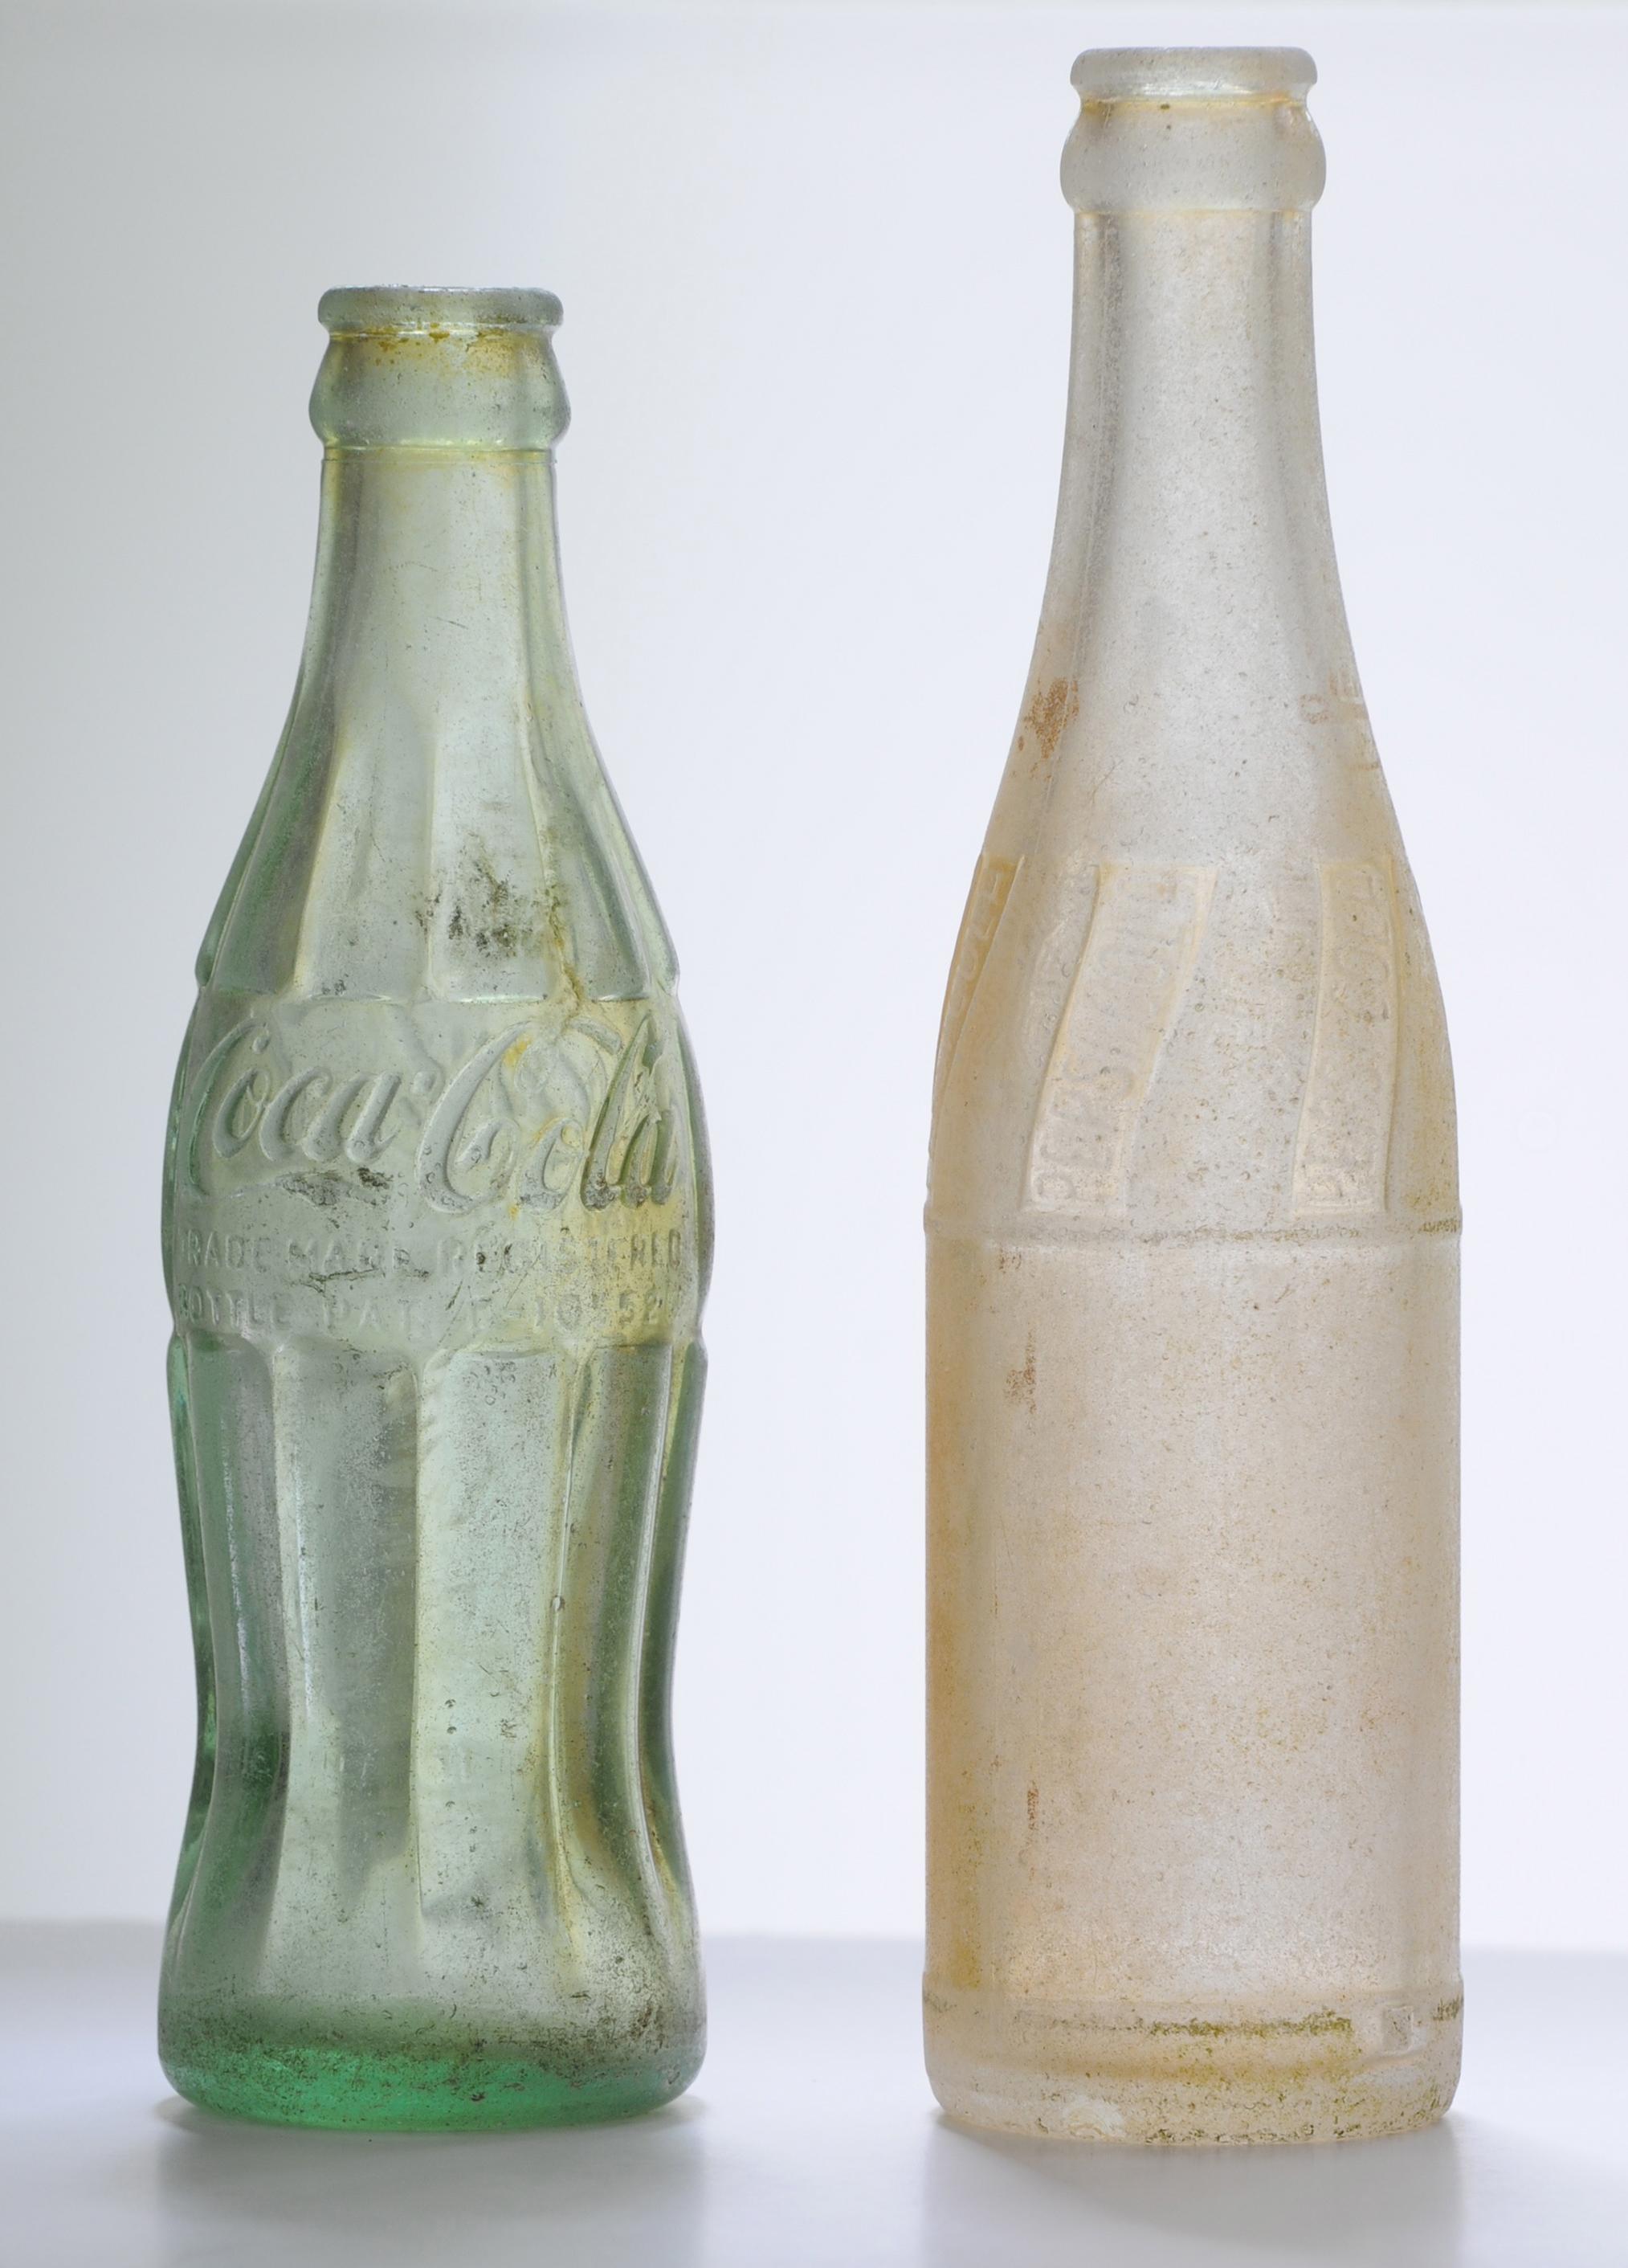 CokePepsi2